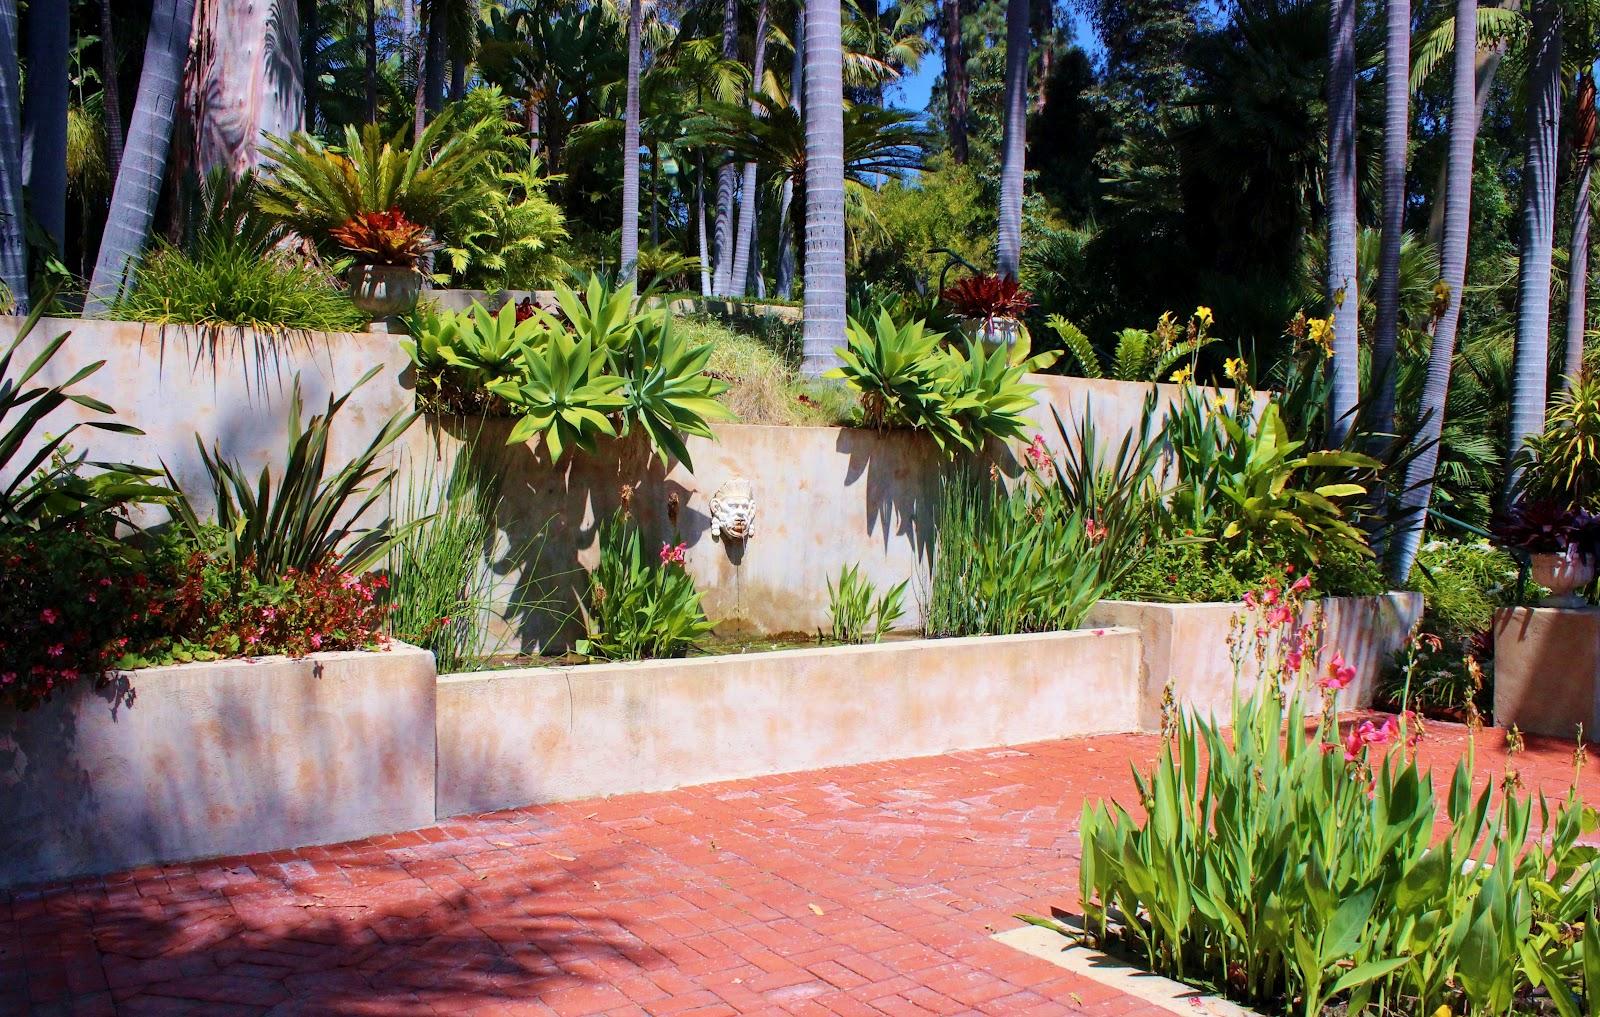 A Very Good Life Leaving The Virginia Robinson Gardens